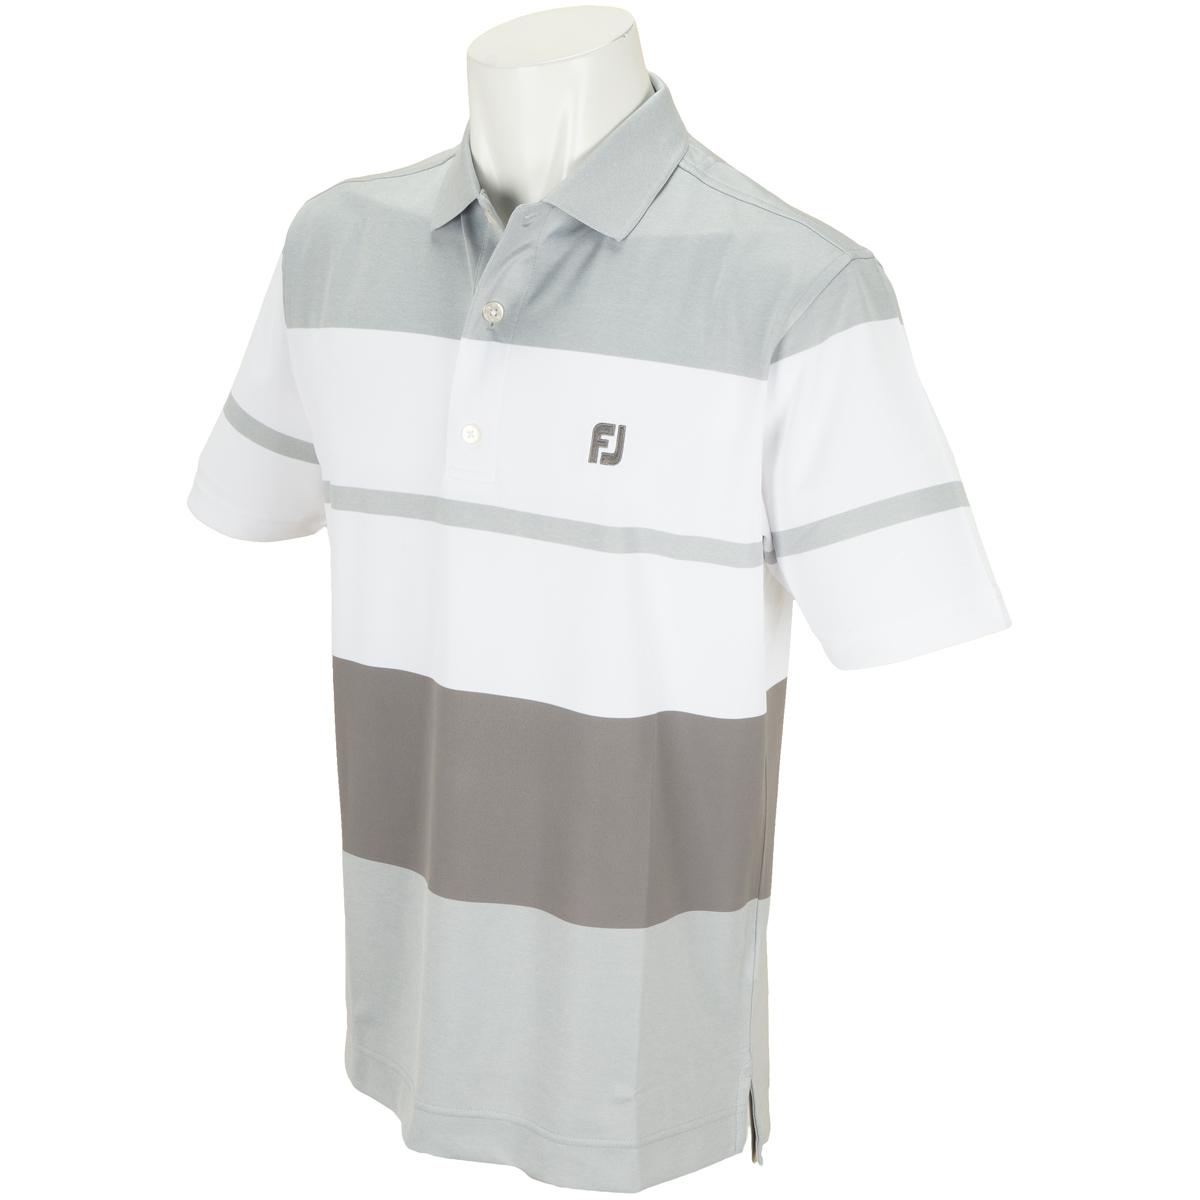 カラーブロック ストレッチ鹿の子半袖ポロシャツ